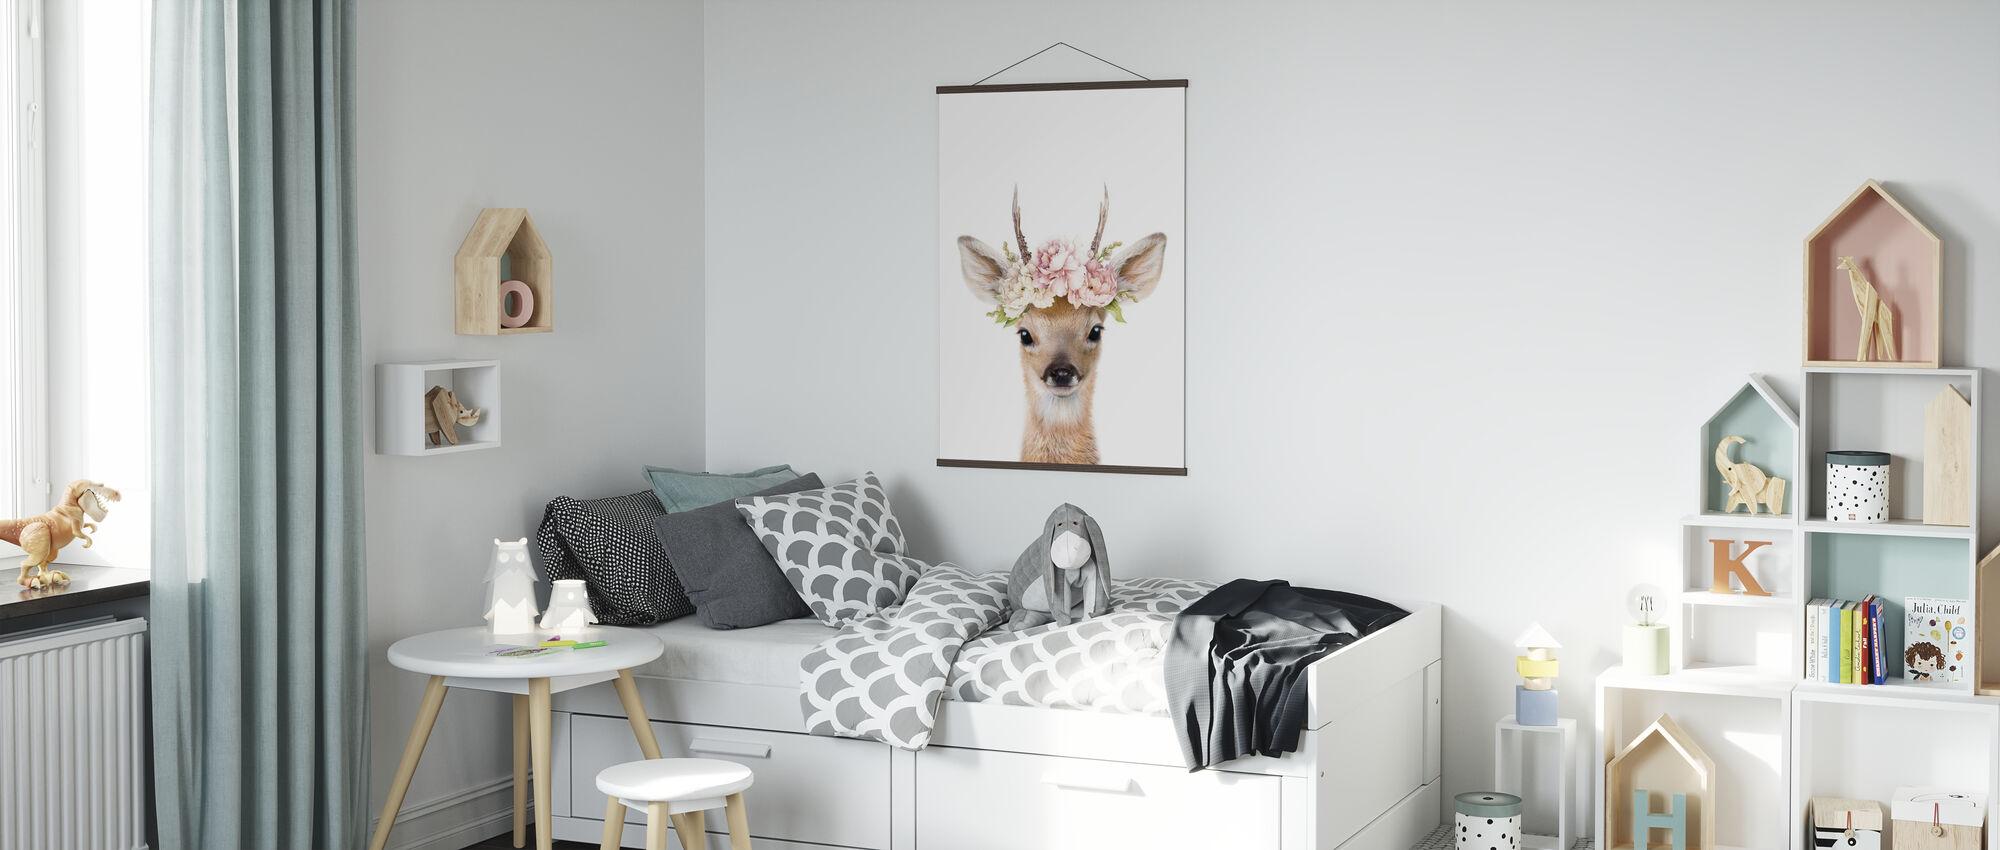 Floral Deer - Poster - Kids Room